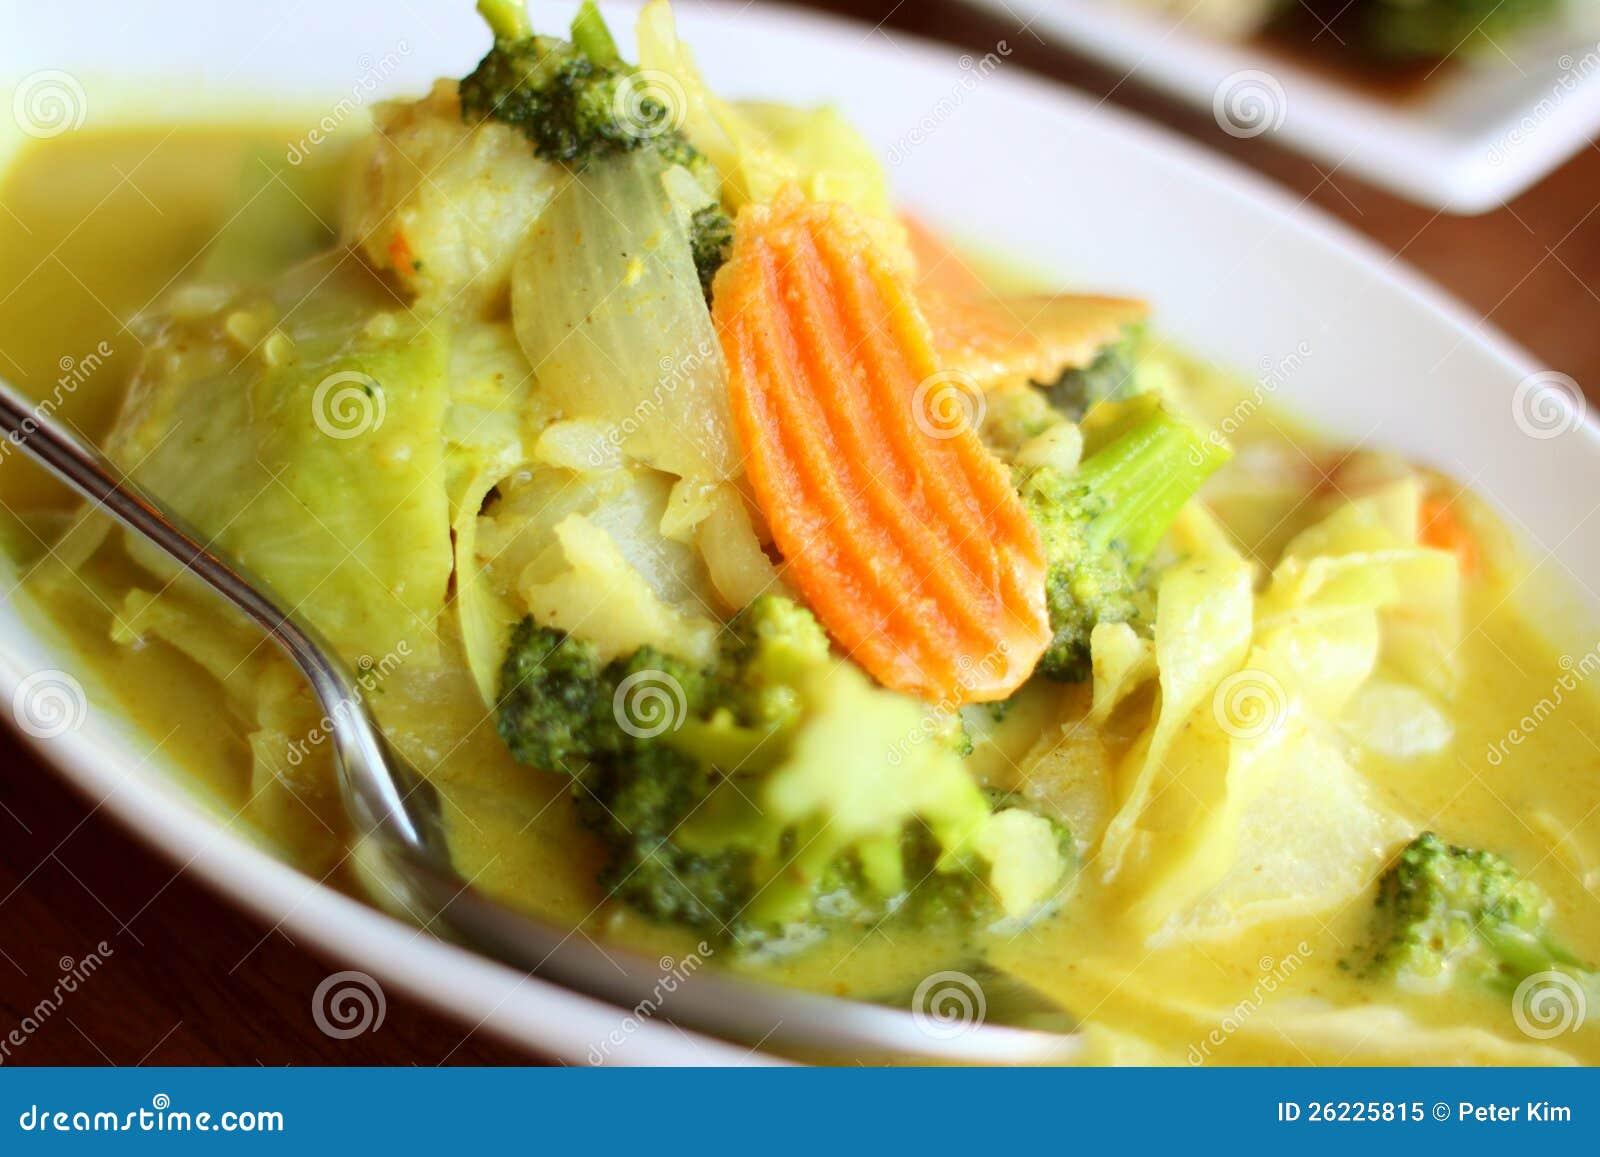 Z żółtym currym wyśmienicie jarski naczynie